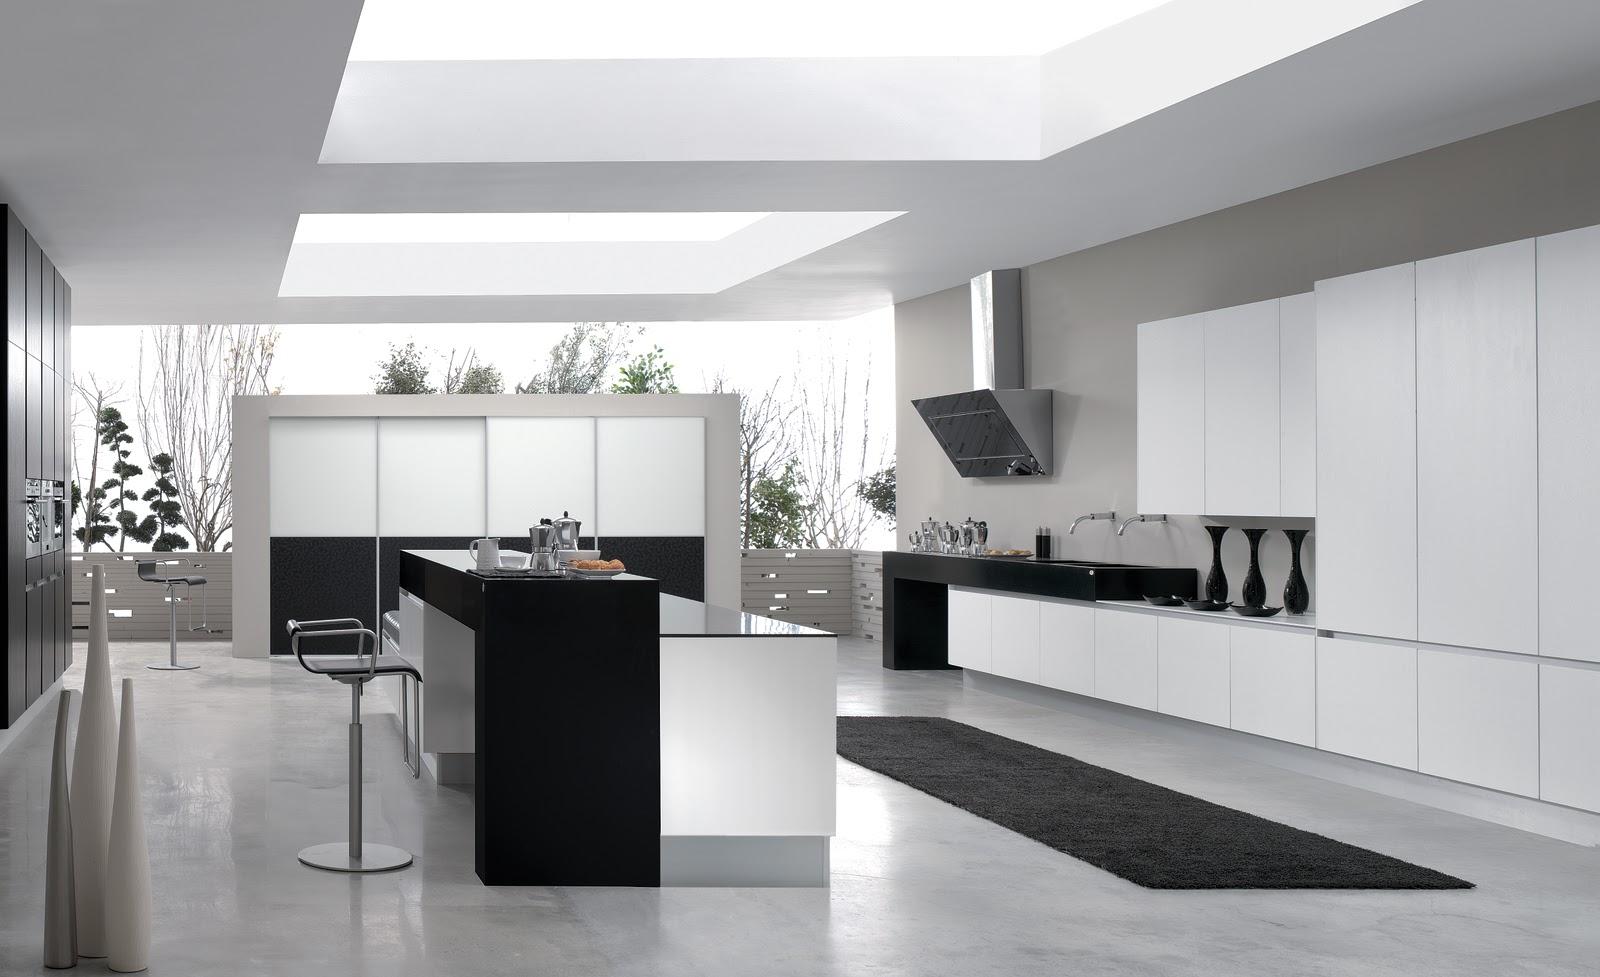 Irresistible saitra mobiliario de cocina armarios y - Cocinas joaquin torres ...